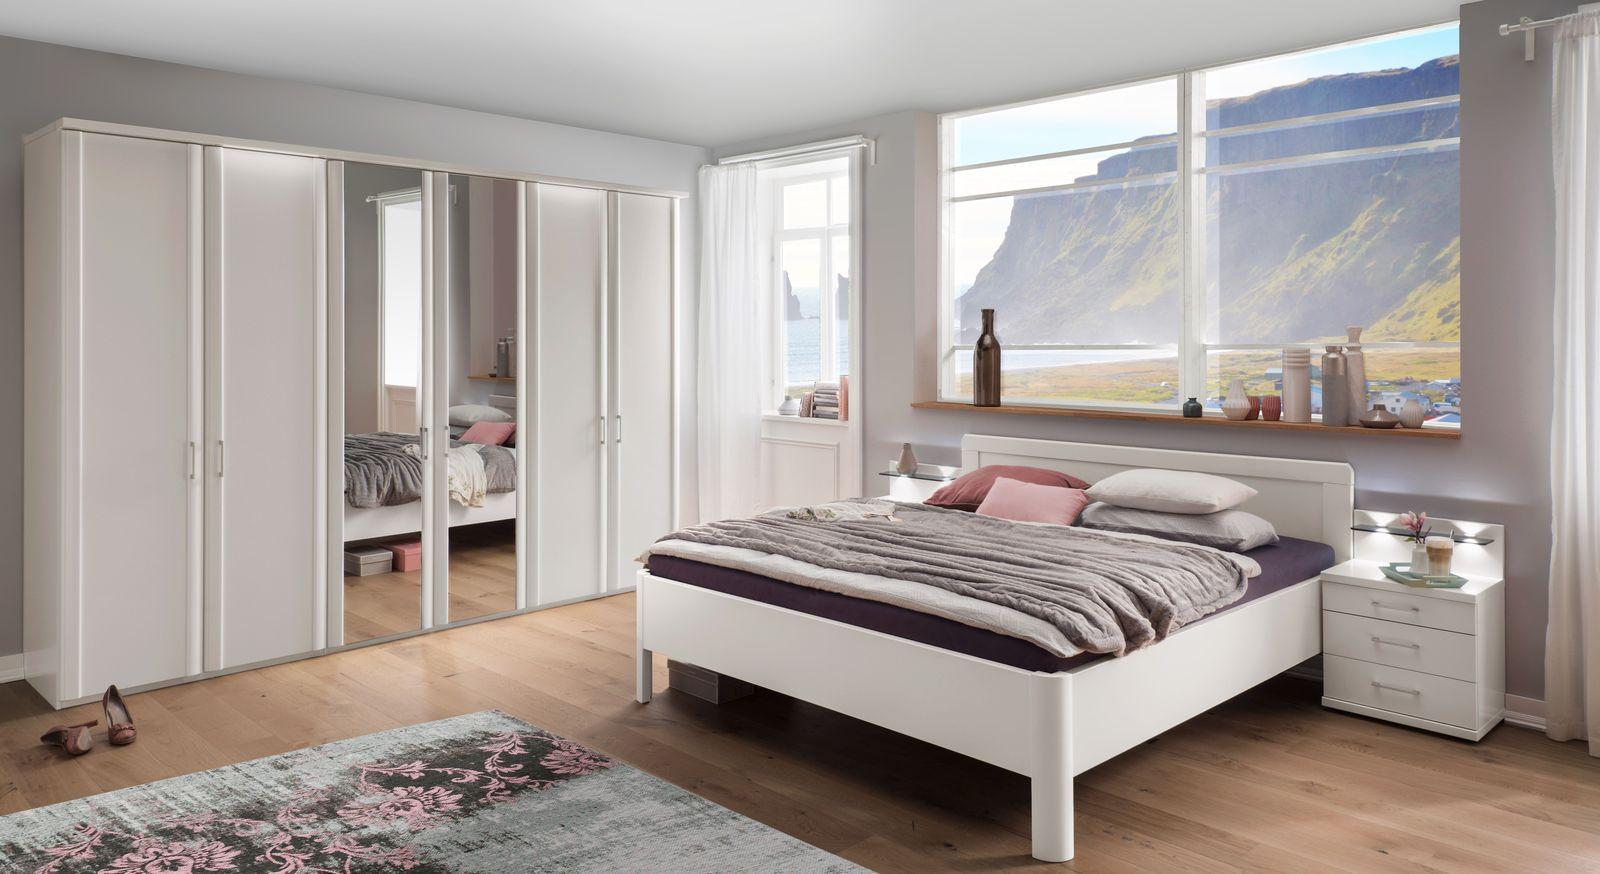 Passende Produkte zum Komfort-Doppelbett Cavallino